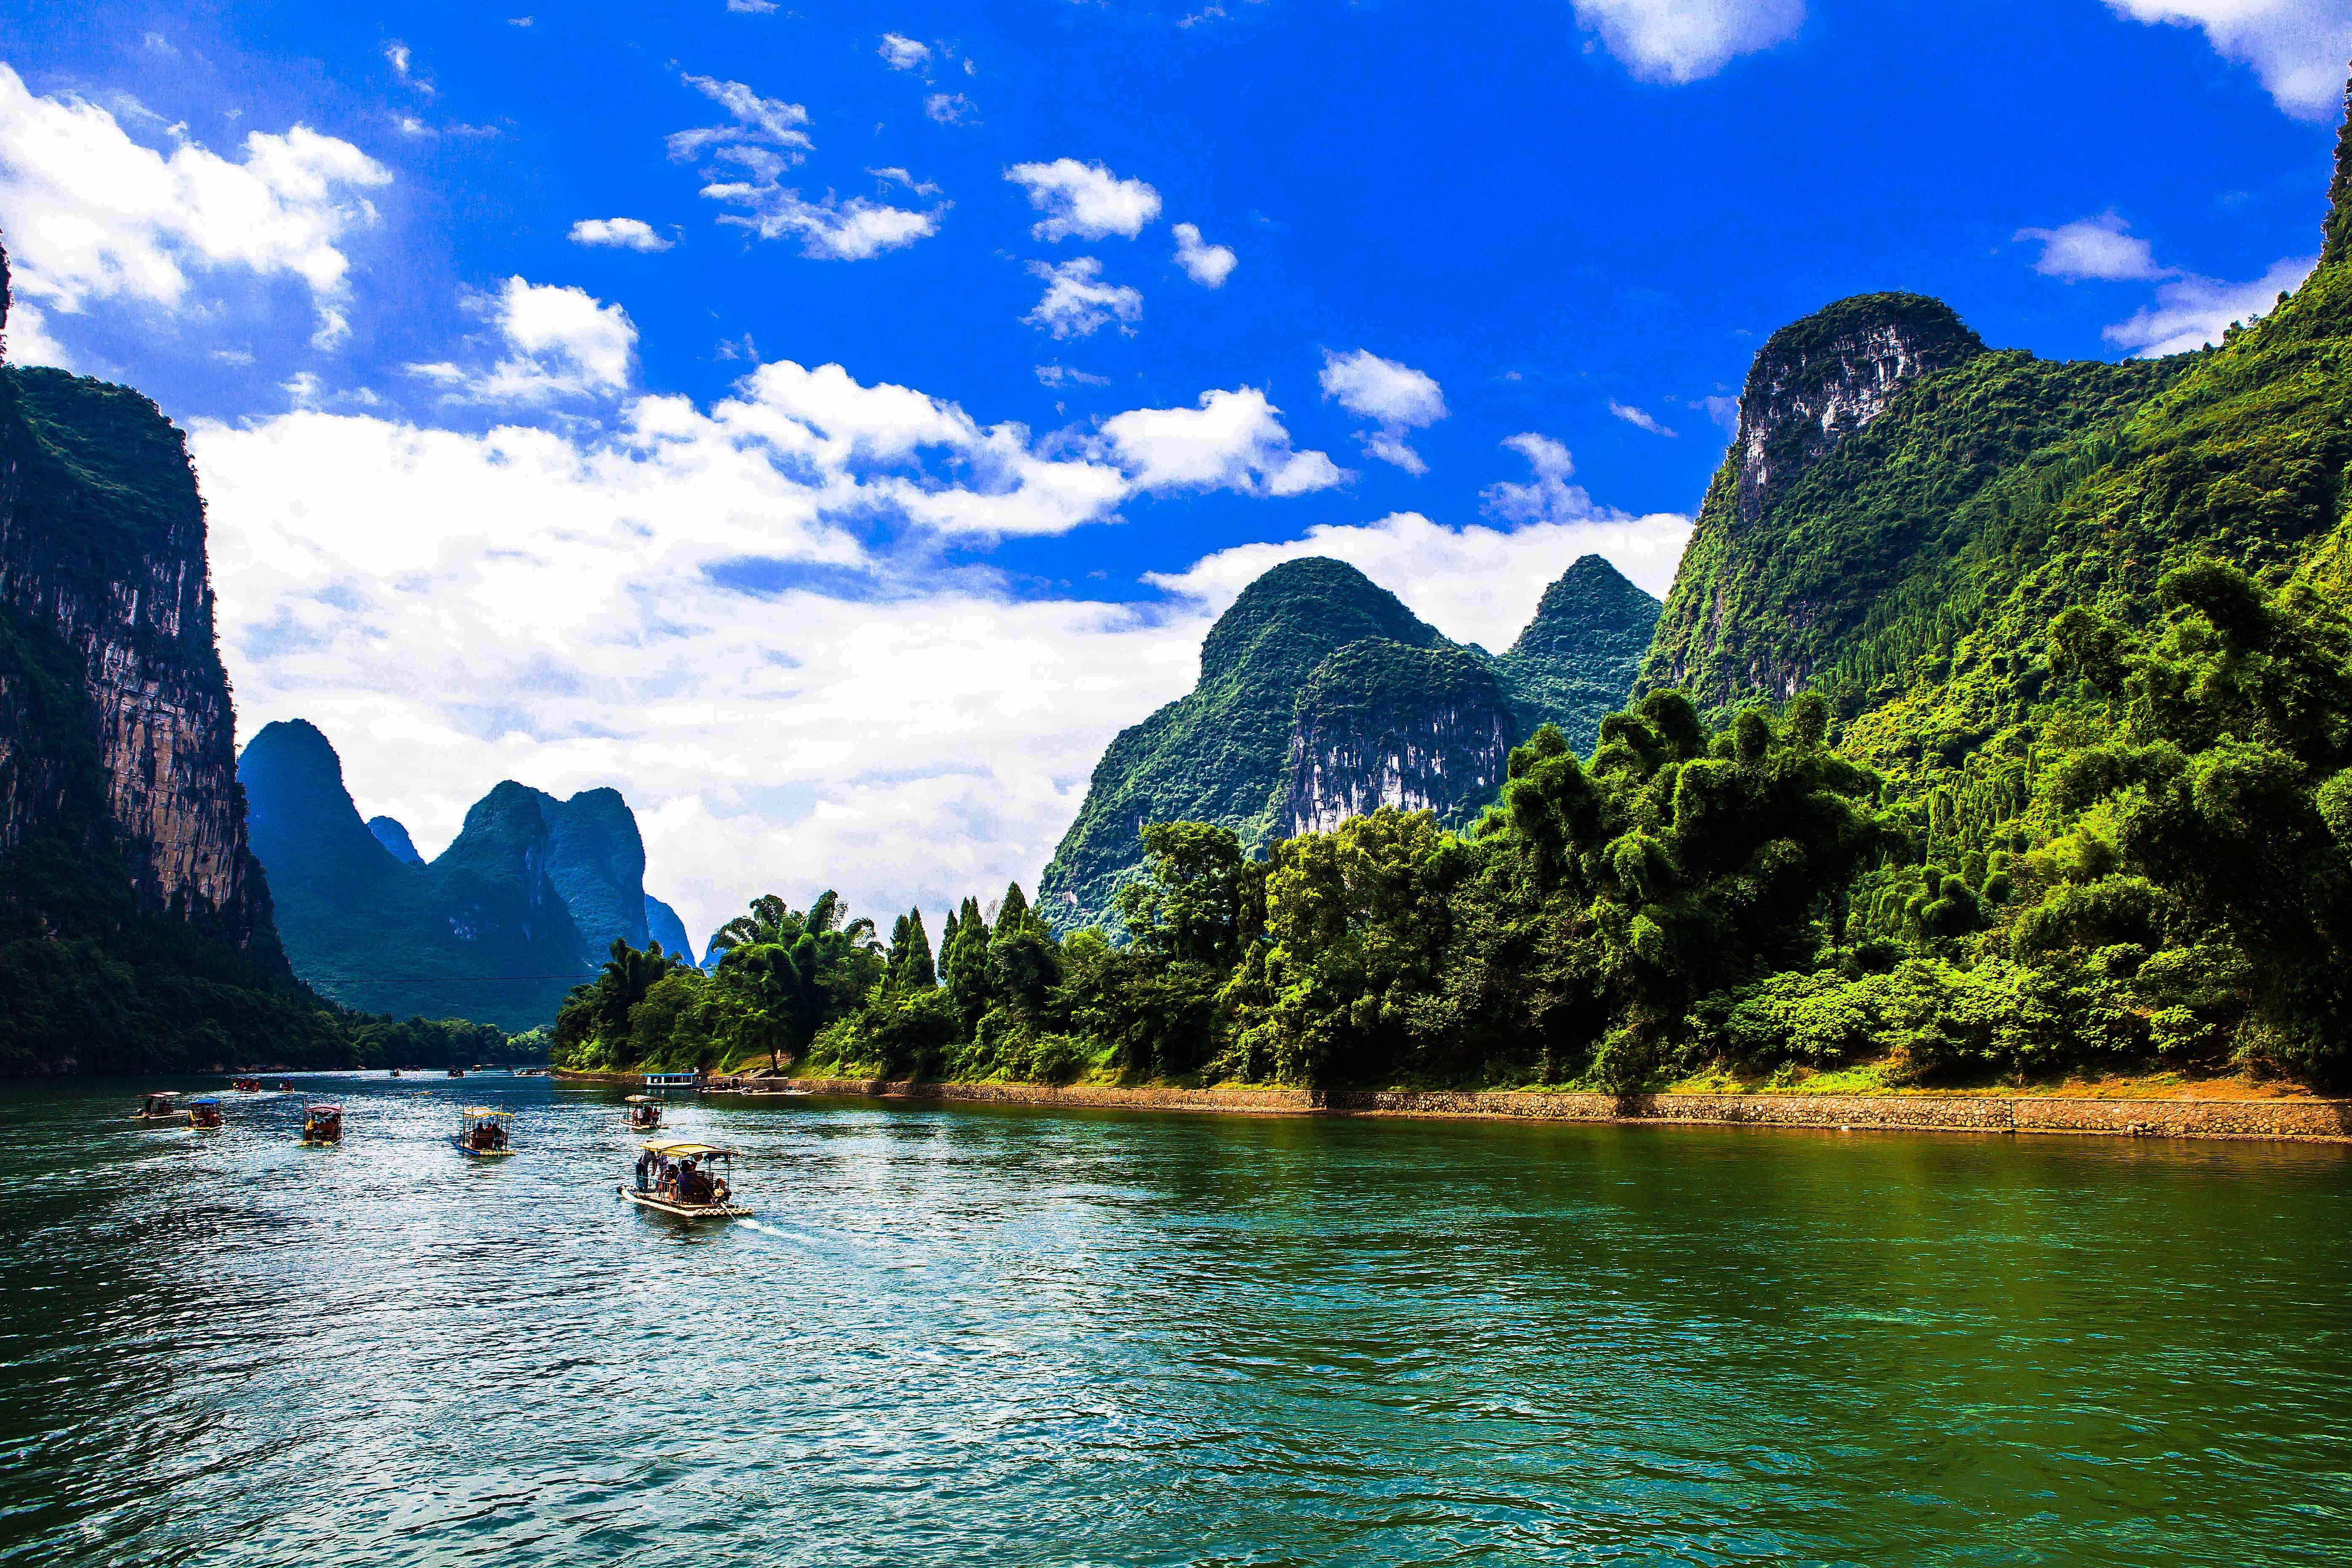 桂林最具代表风景图片